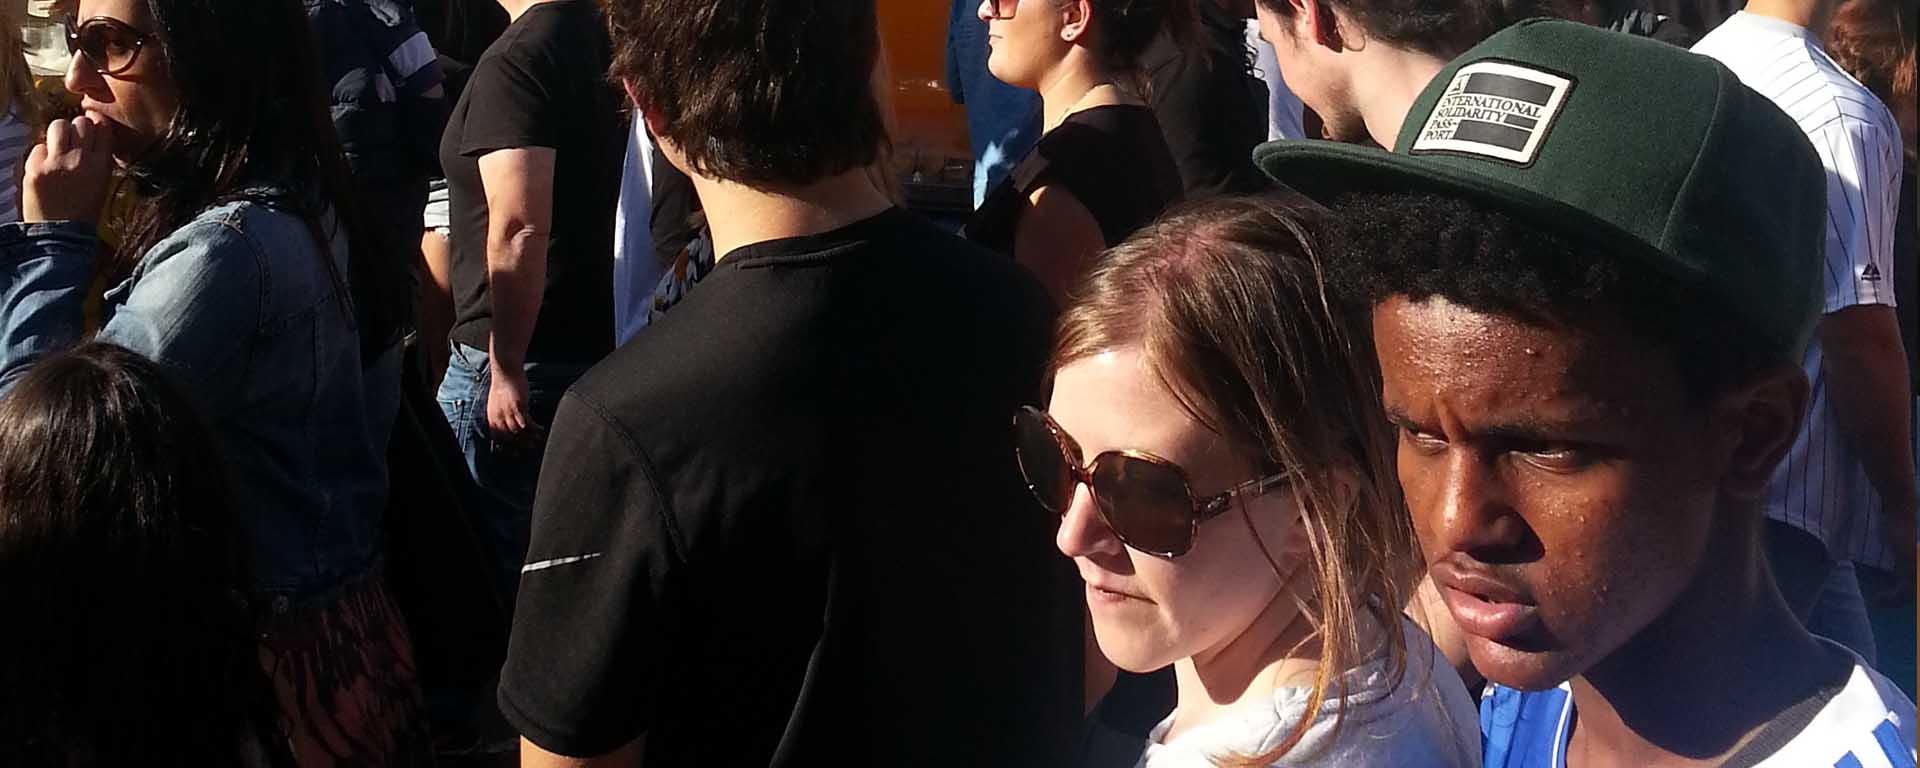 A Black boy and White woman walk through a crowd